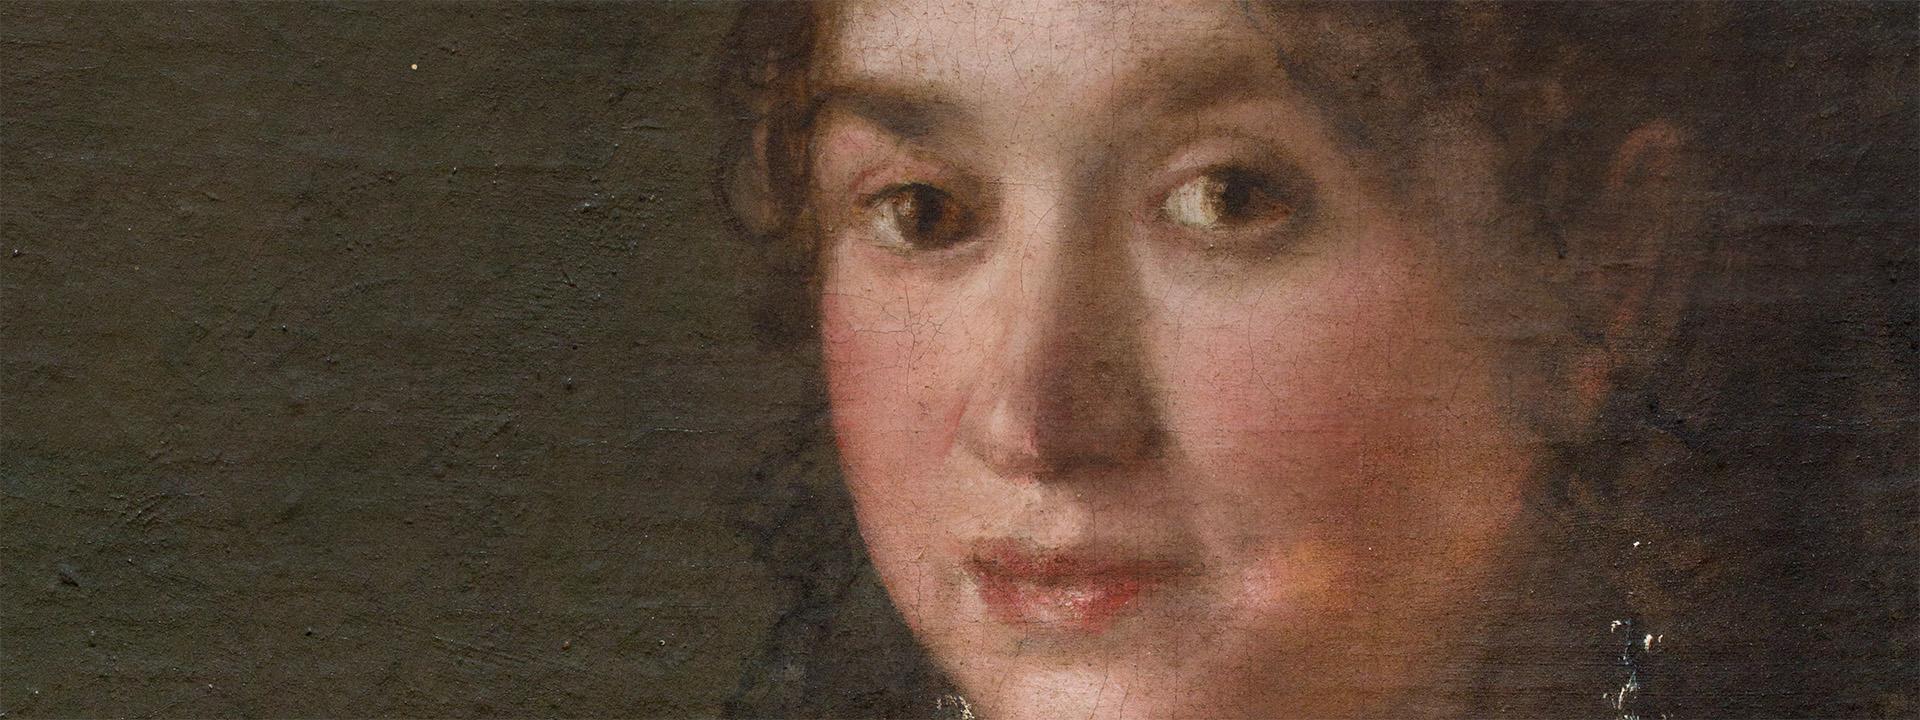 JOAQUINA CANDADO RICARTE - Francisco de Goya - Museu de Belles Arts de València